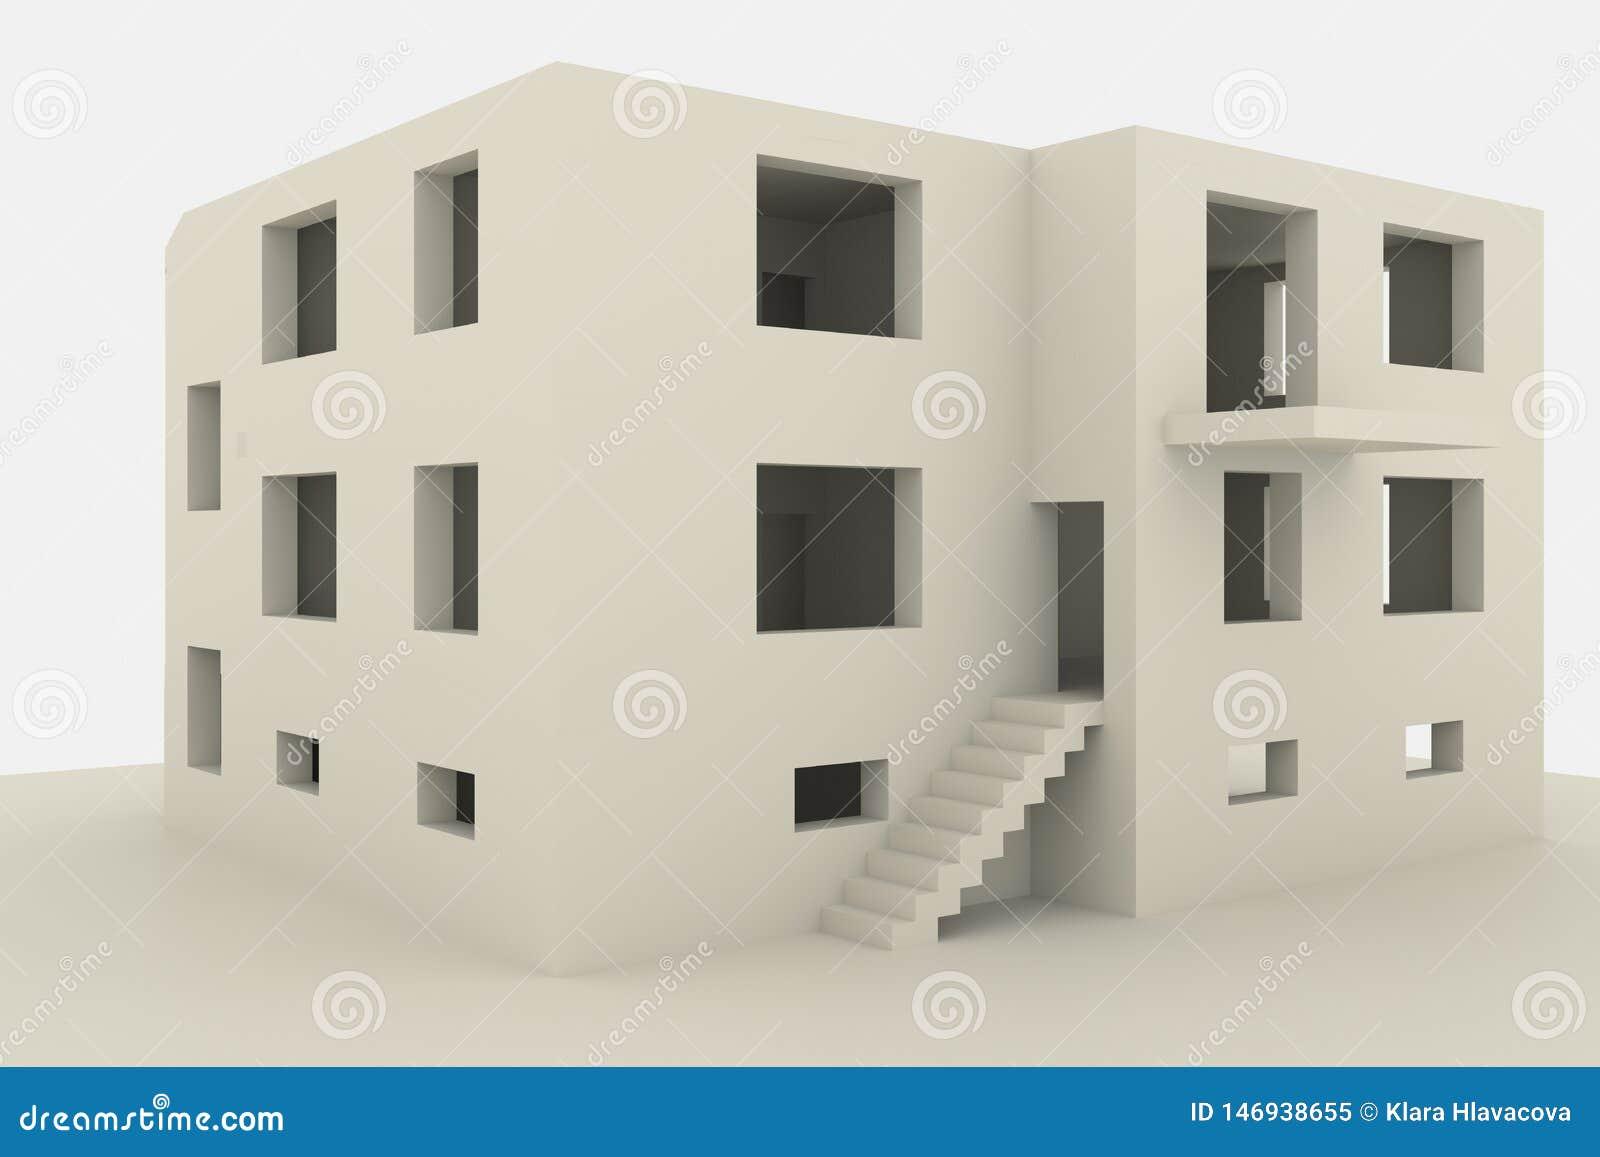 Nieuw familiehuis met meerdere verdiepingen op witte achtergrond